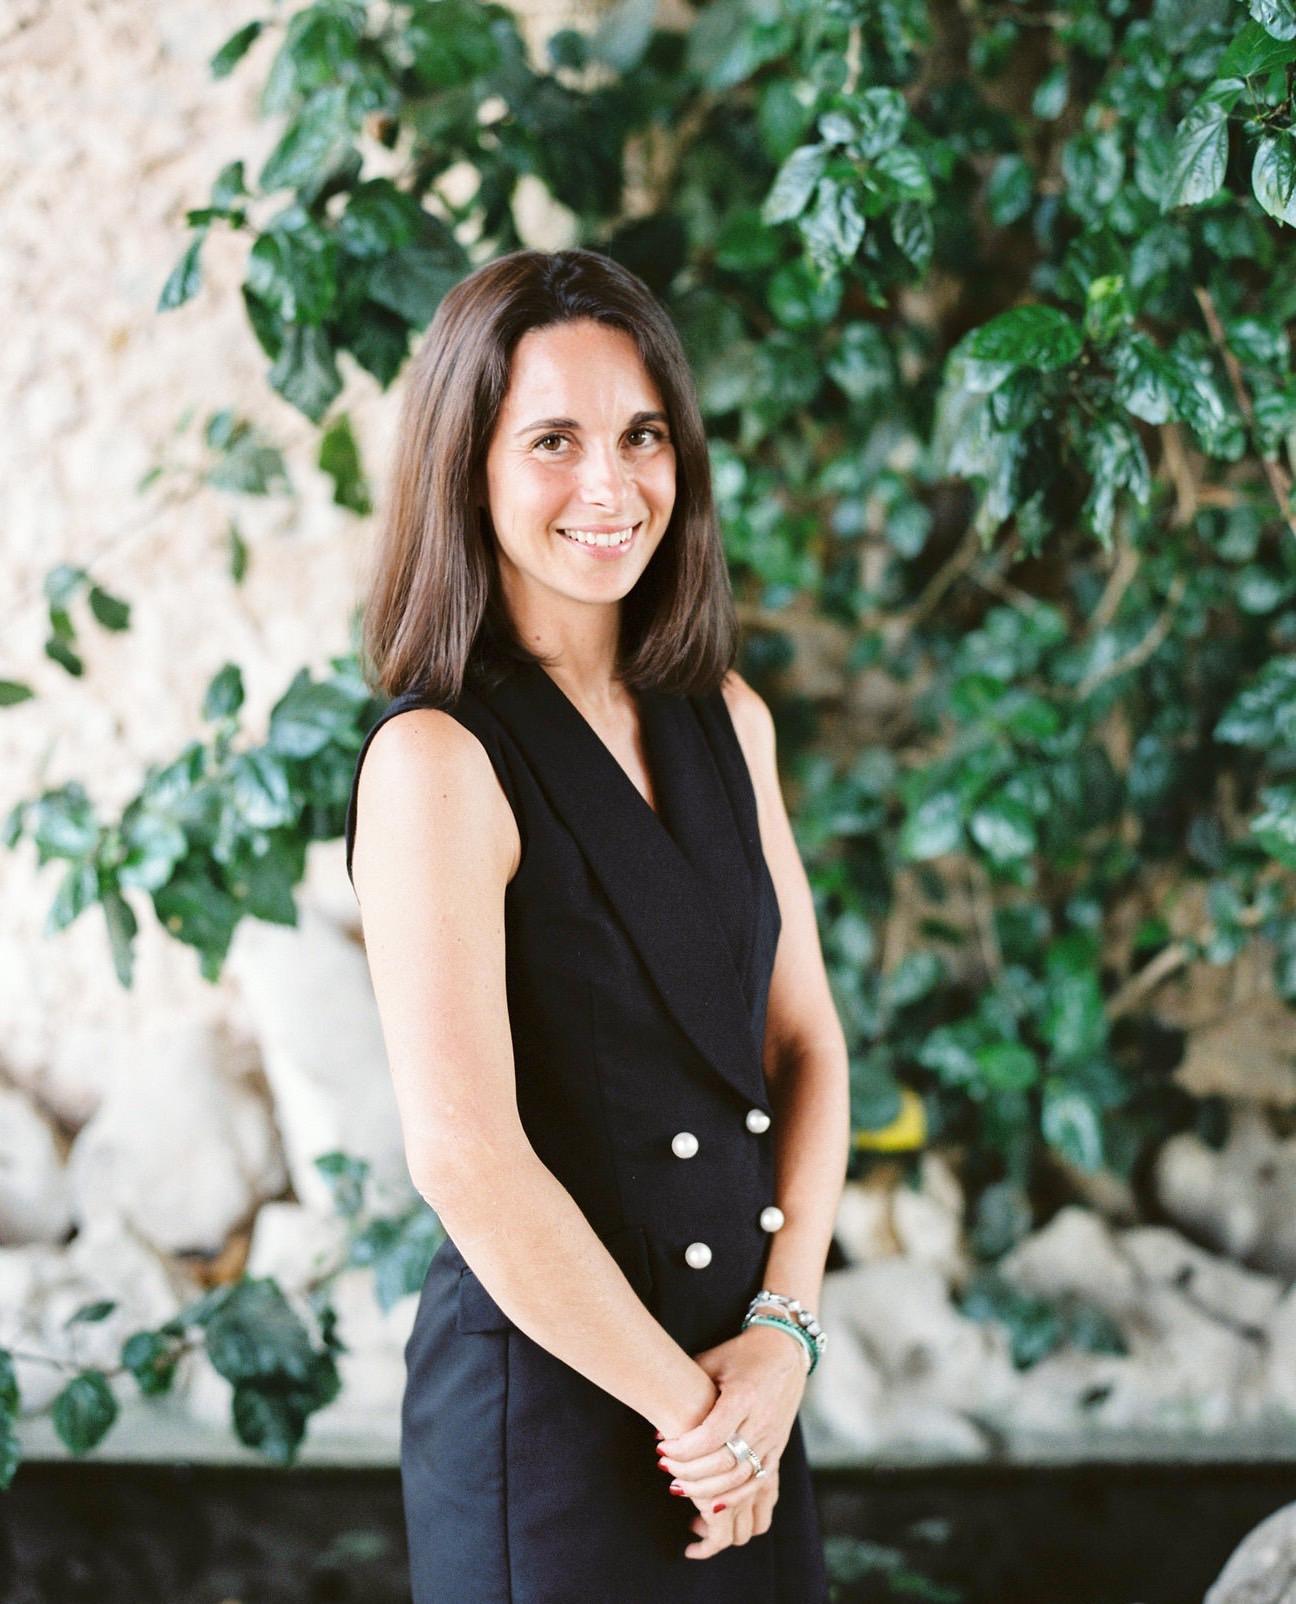 Marta The Wedding Co. Portugal team